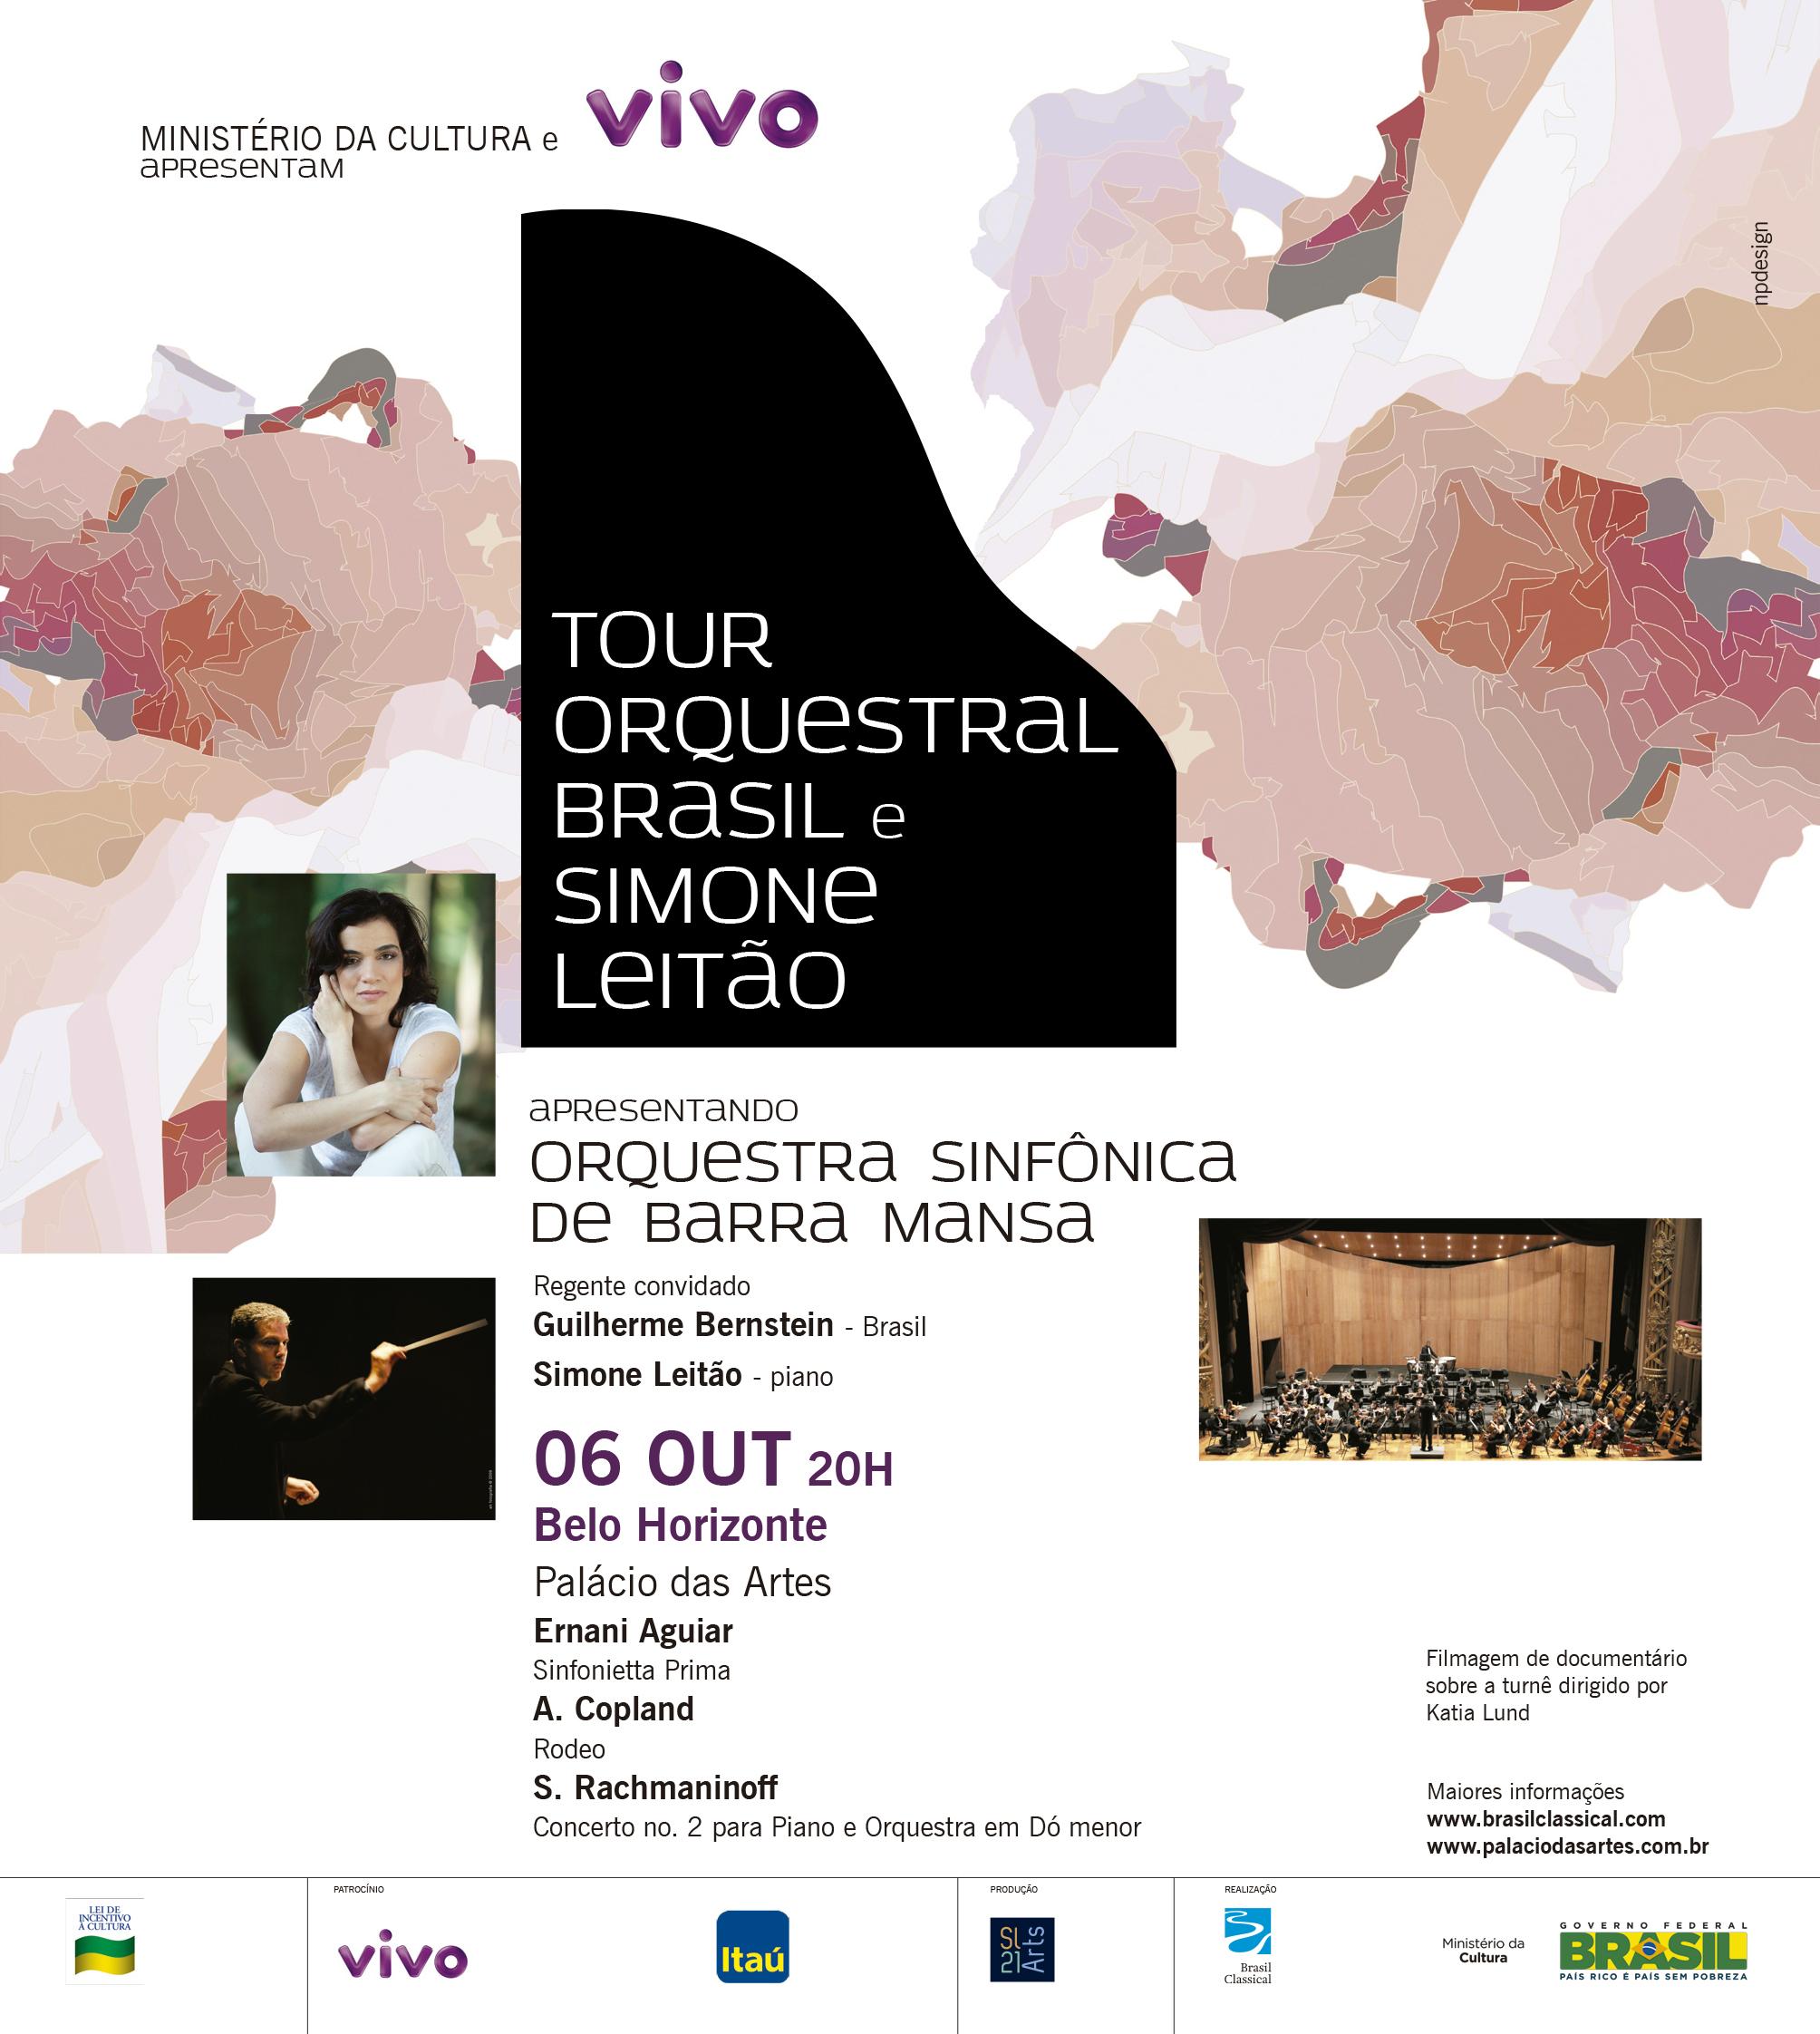 Tour Orquestral Brasil e Simone Leitão